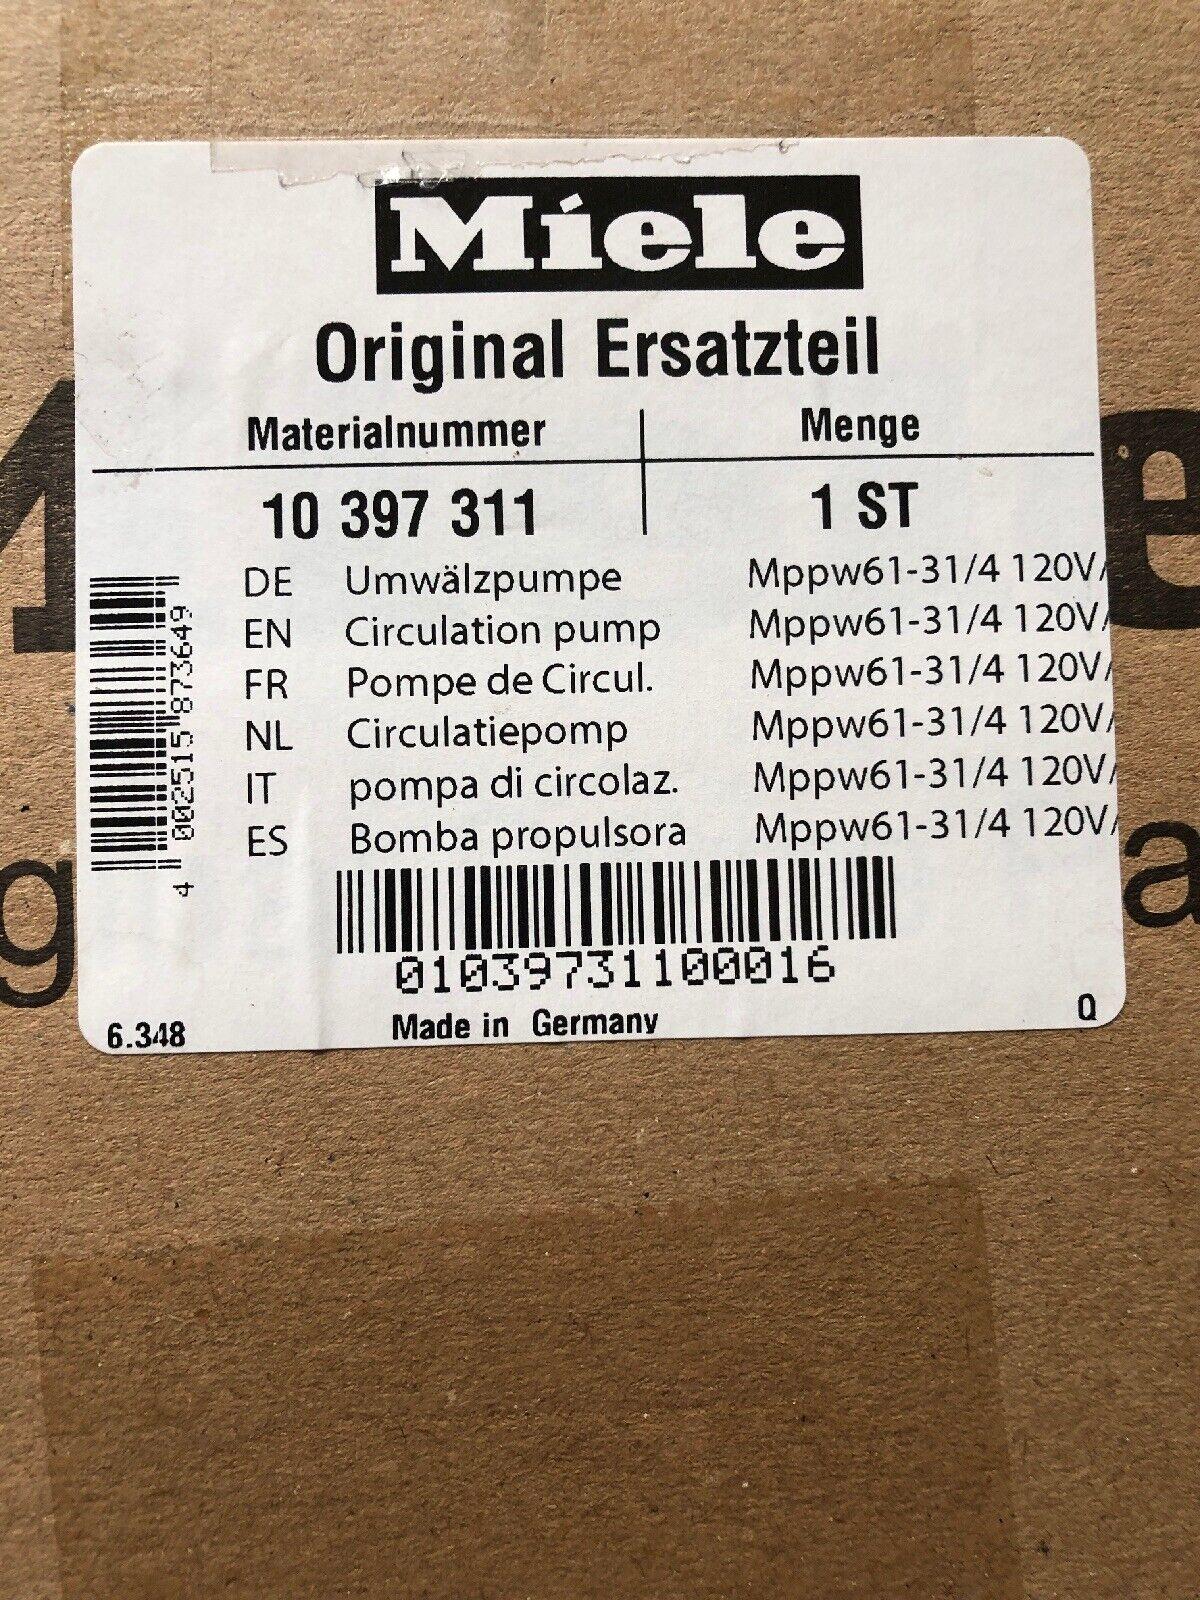 Miele Circ Pump 10 397 311, 10397311